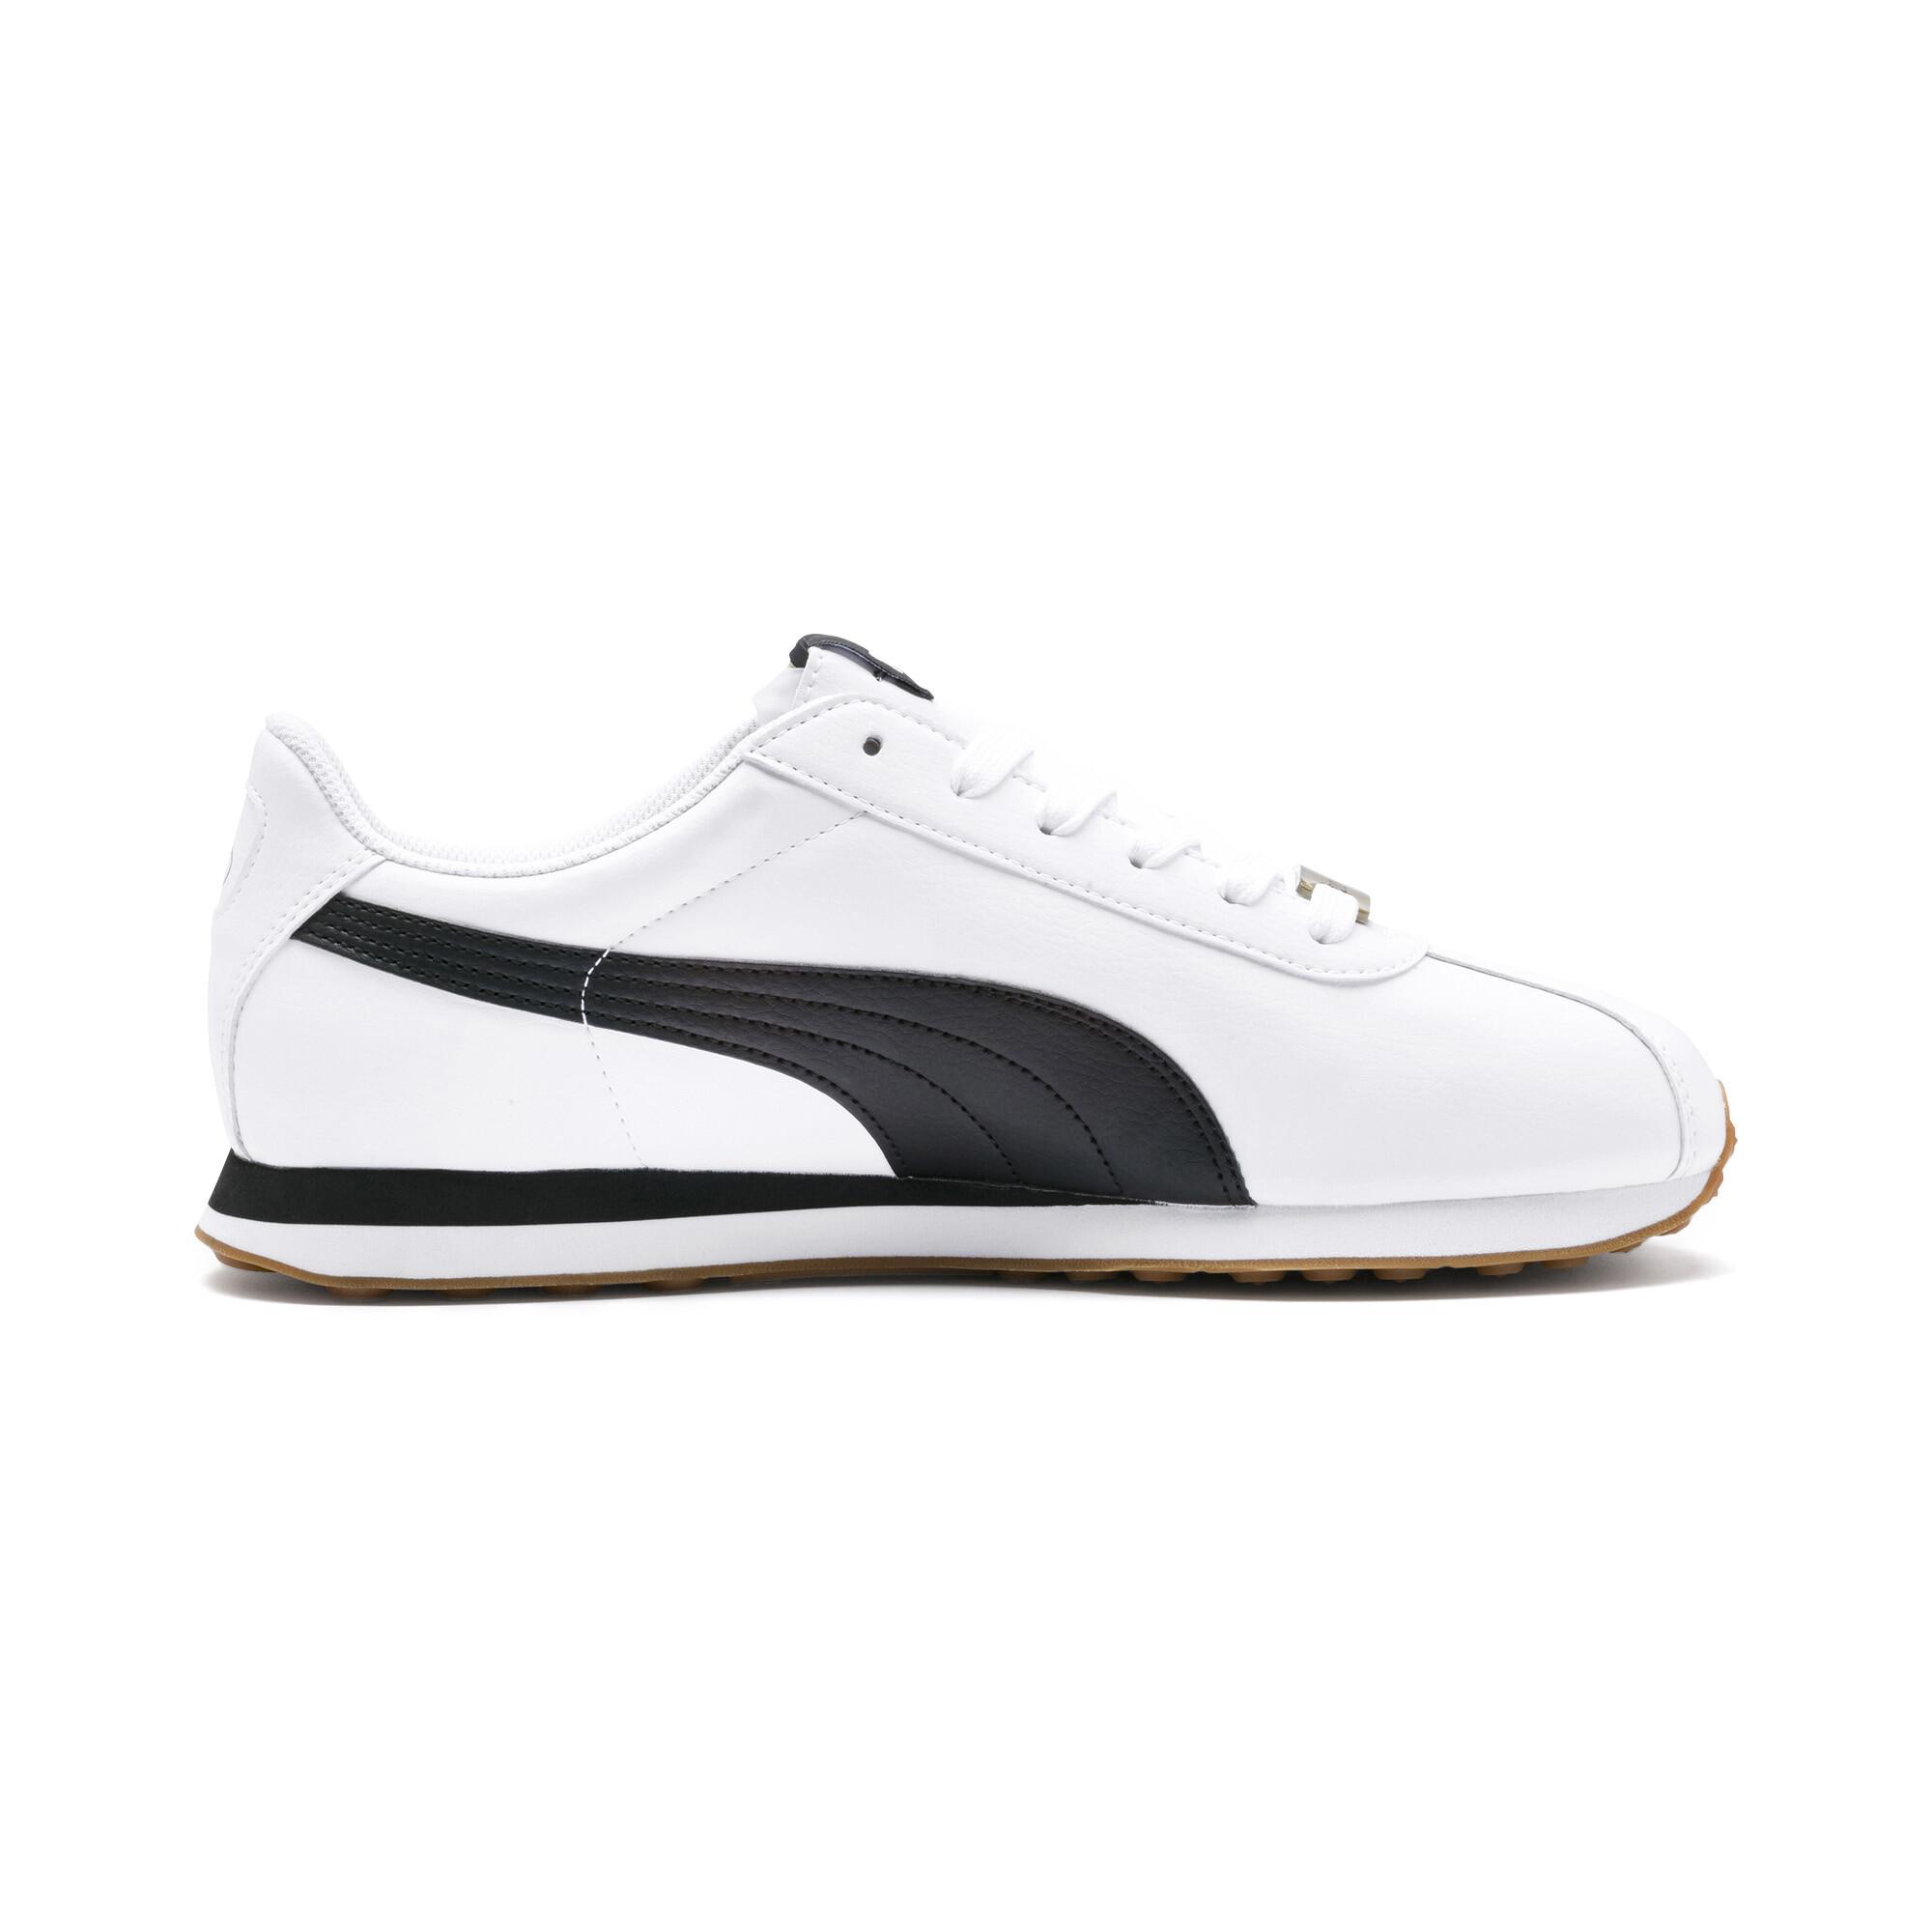 a64d25592ca PUMA x BTS Turin Sneakers | 20 - White | Puma